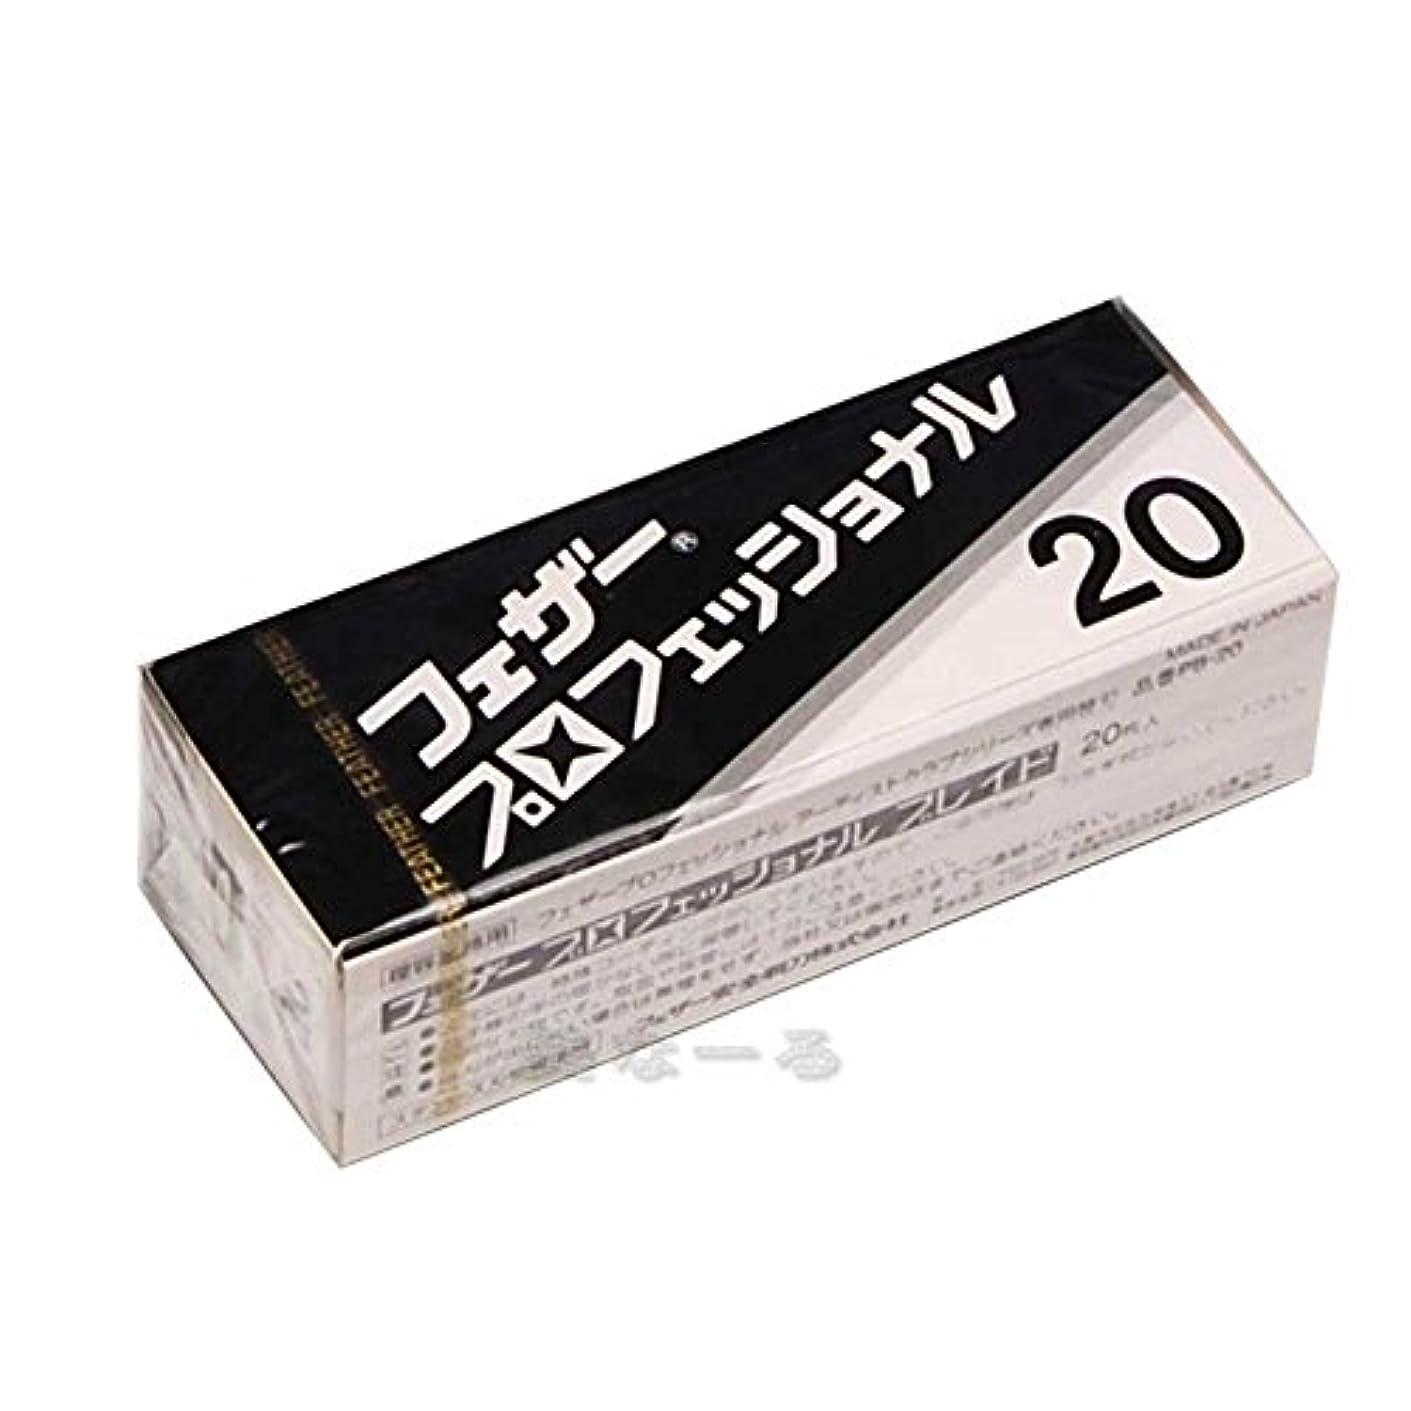 届けるバタフライ白いフェザー プロフェッショナル ブレイド PB-20 替刃 20枚入